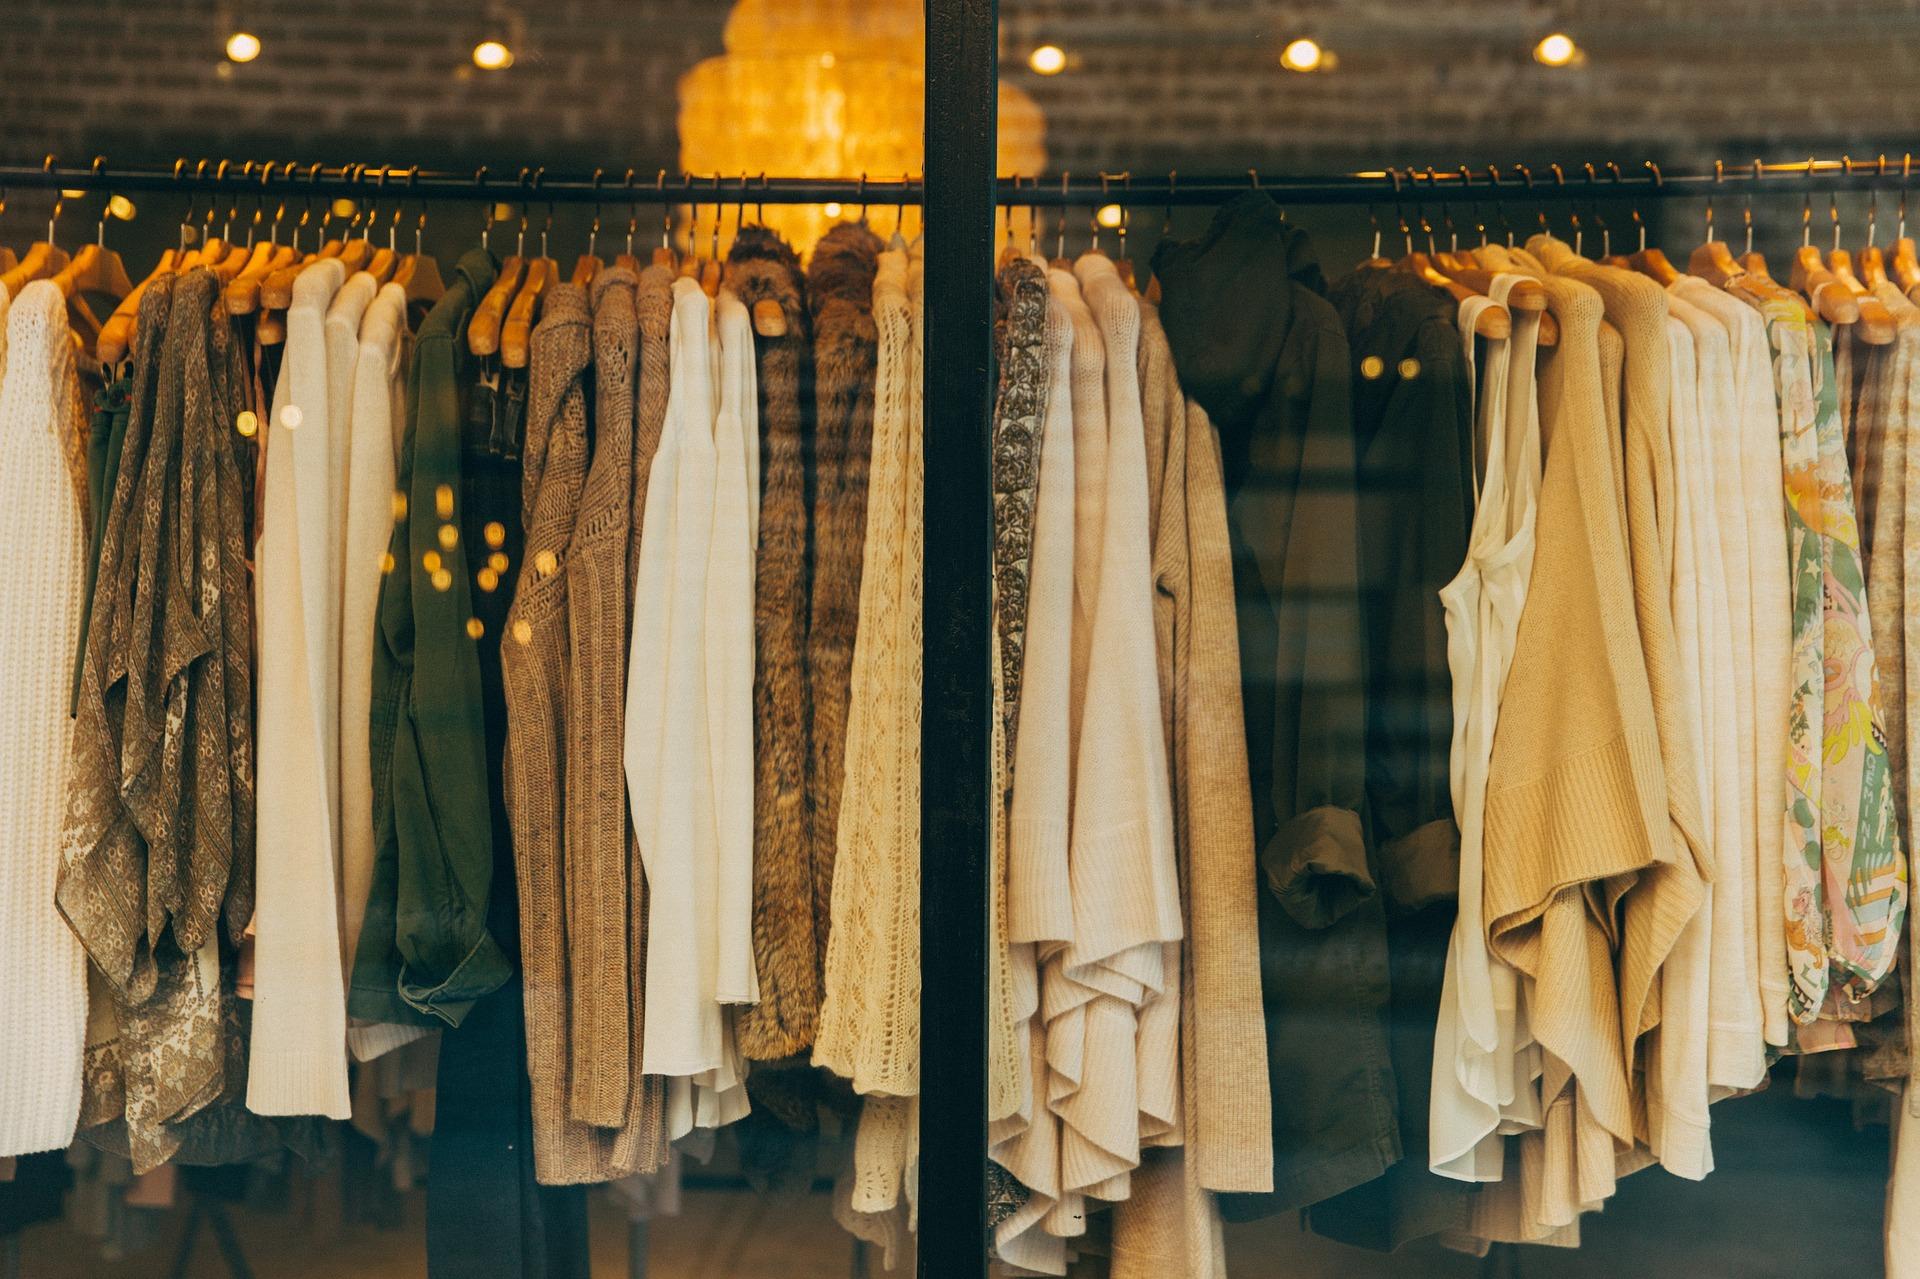 ארון בגדים – כמה זה אמור לעלות לכם?